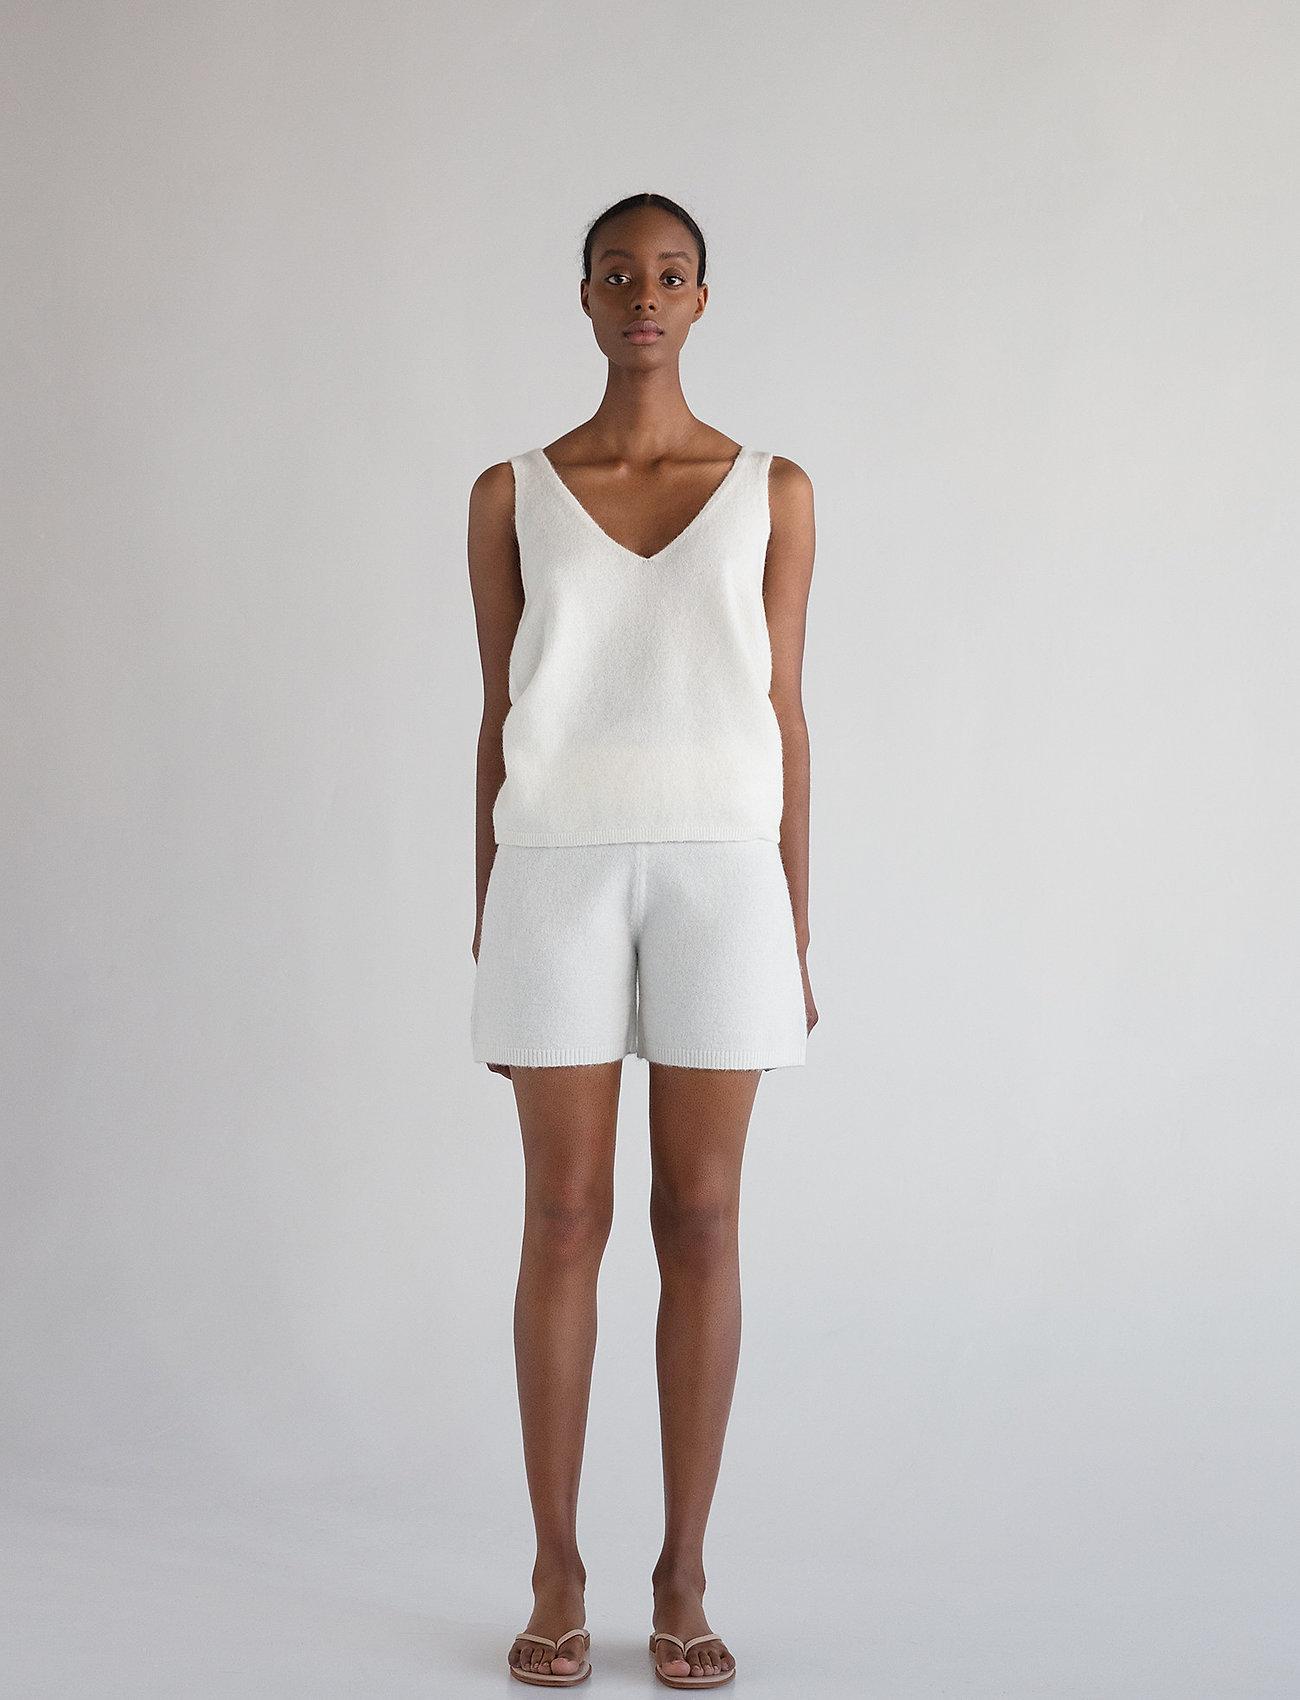 Stylein - ETOILE TOP - tops zonder mouwen - white - 0